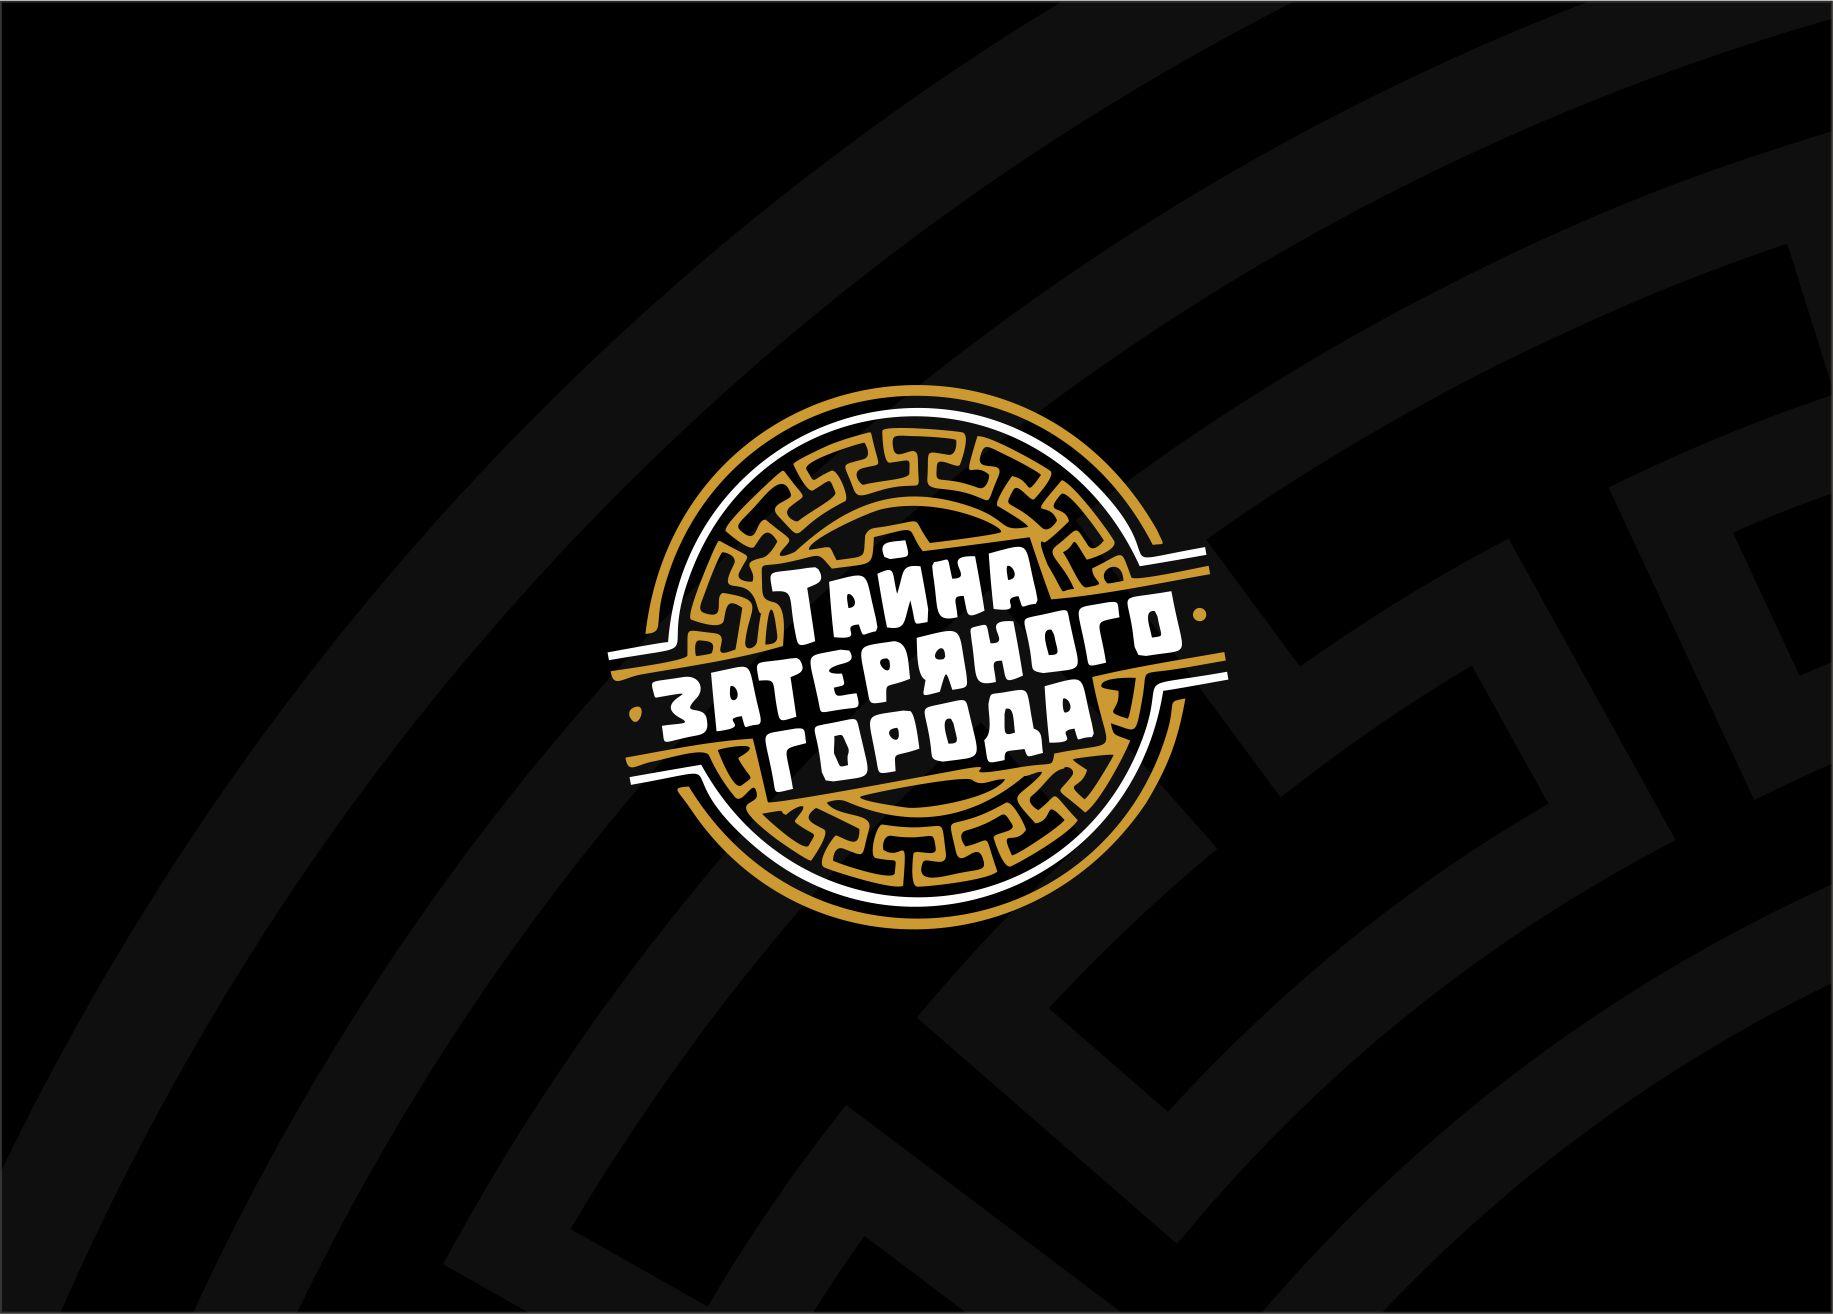 Разработка логотипа и шрифтов для Квеста  фото f_4415b41185eba20d.jpg